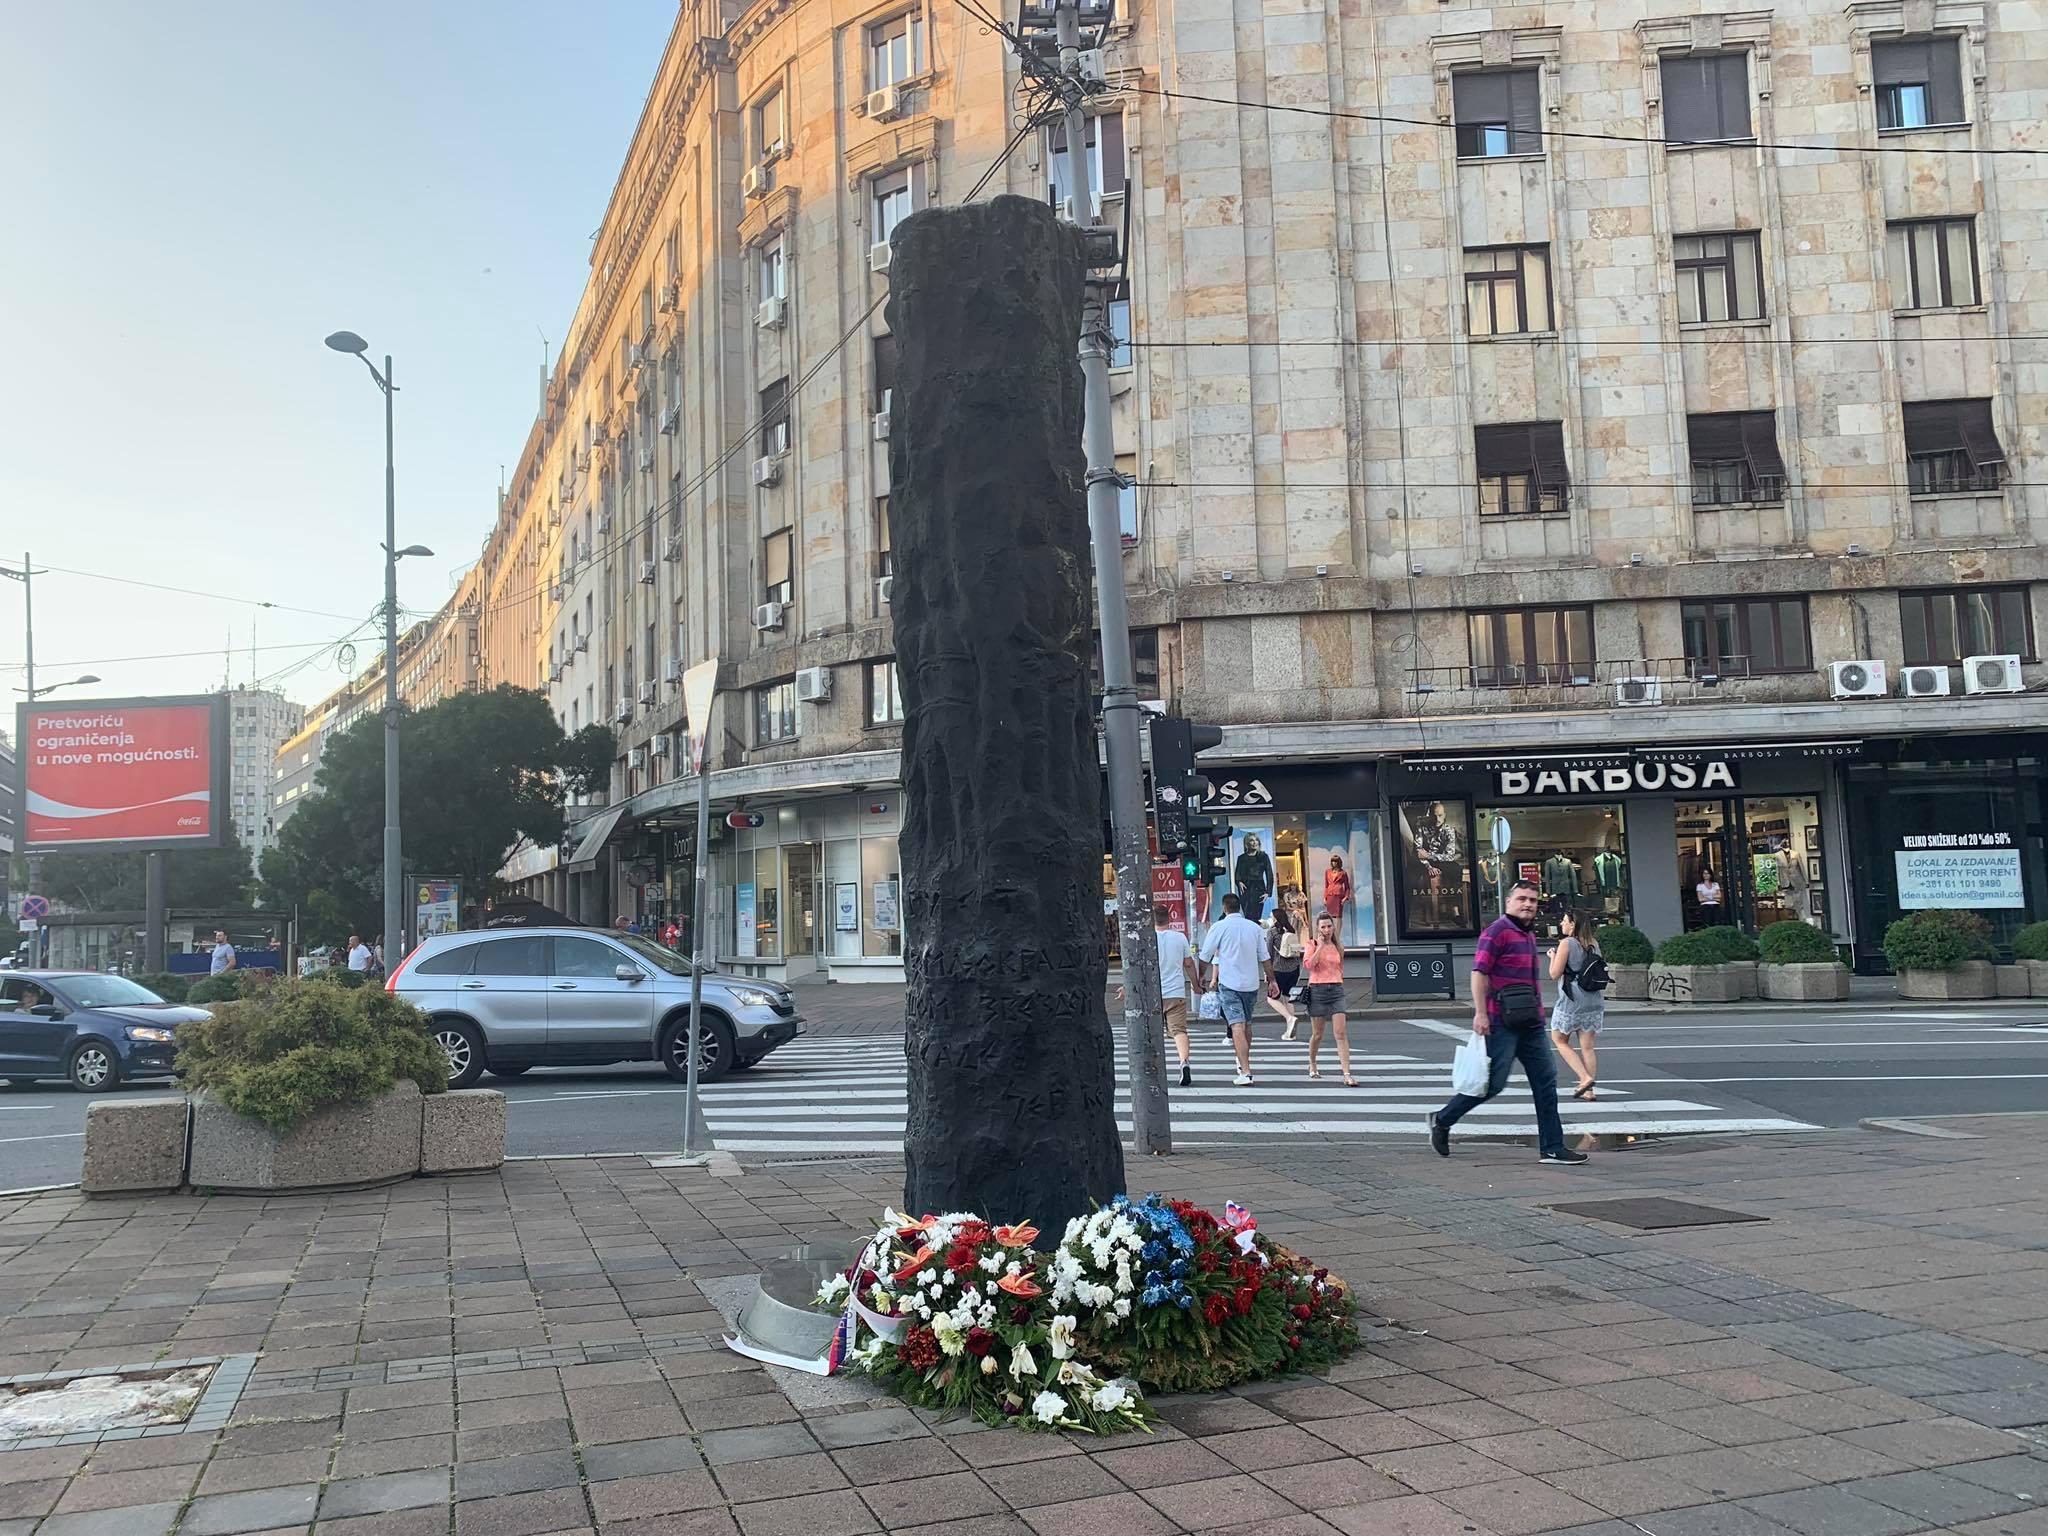 Većina Beograđana ne zna šta predstavlja spomenik na Terazijama (VIDEO) 2